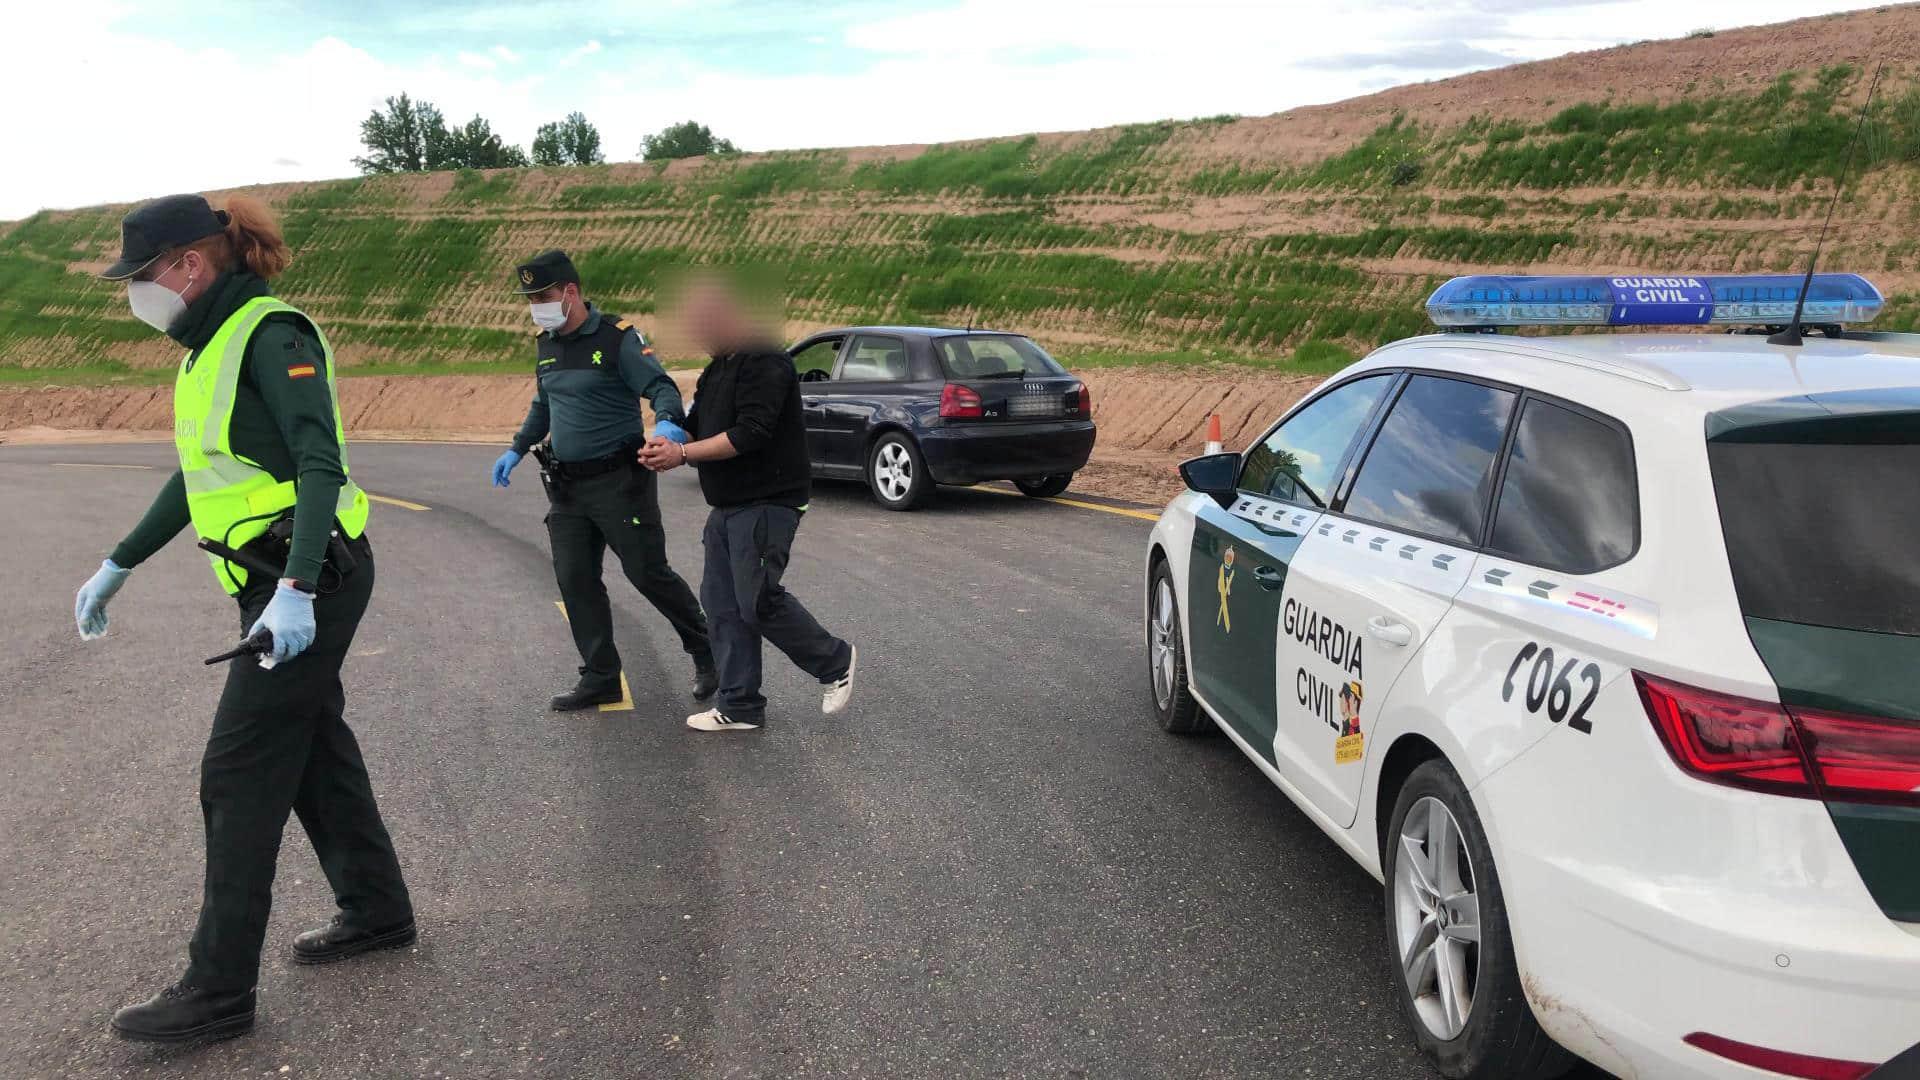 Se salta el confinamiento, elude un control de la Guardia Civil e intenta deshacerse de la droga que llevaba encima 2